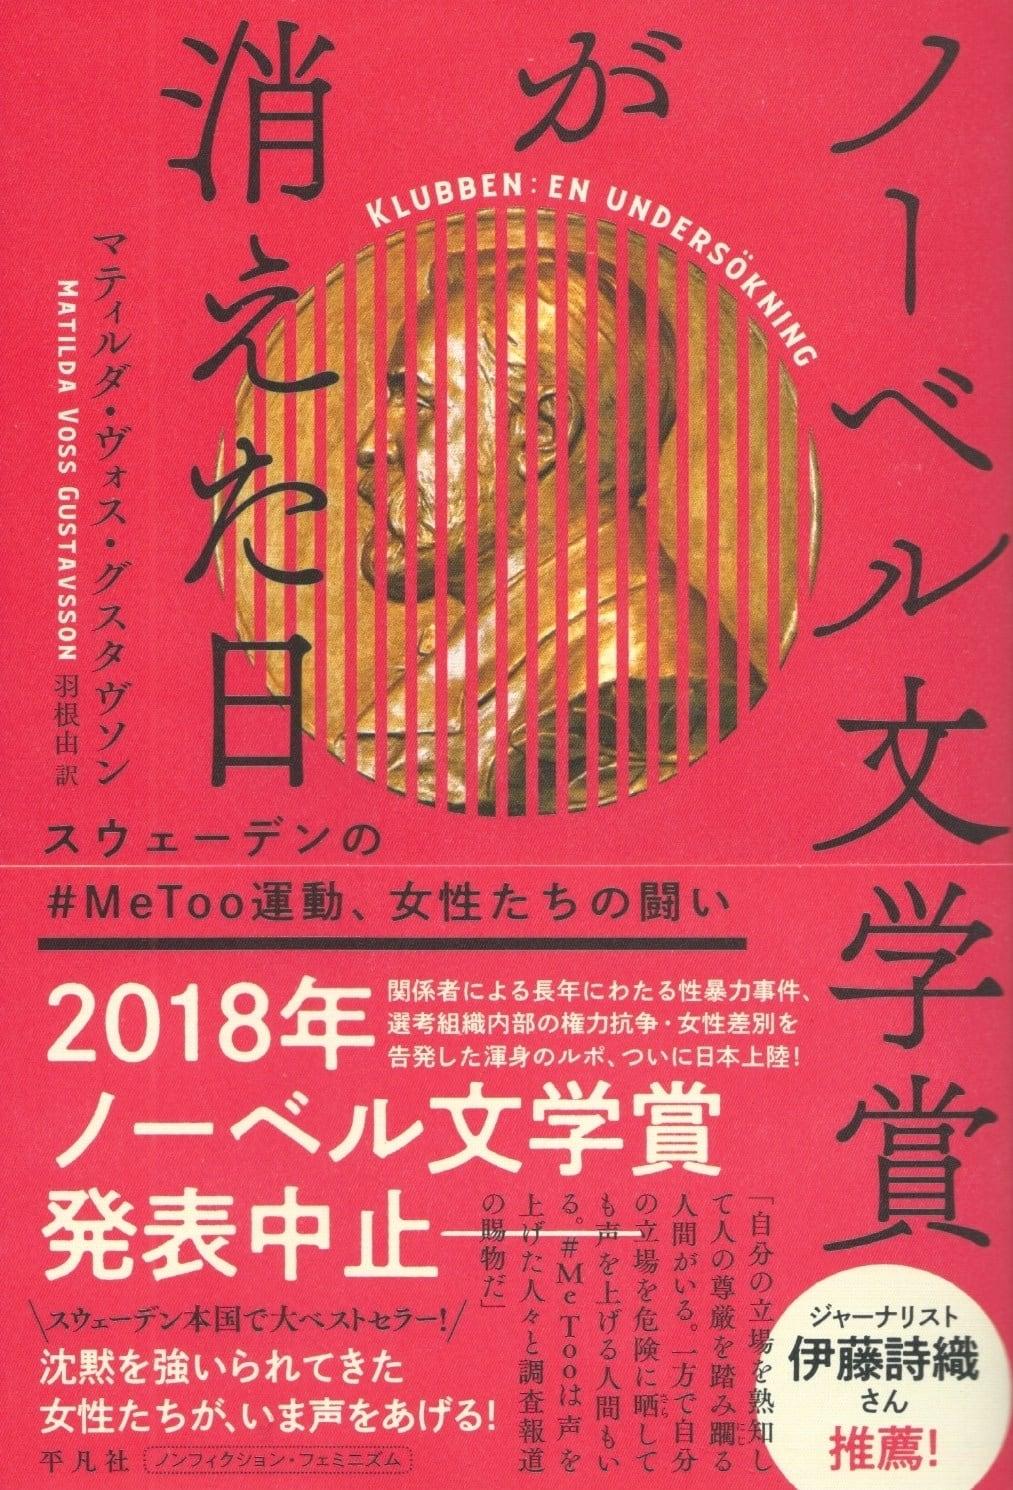 ノーベル文学賞が消えた日——スウェーデンの#MeToo運動、女性たちの闘い